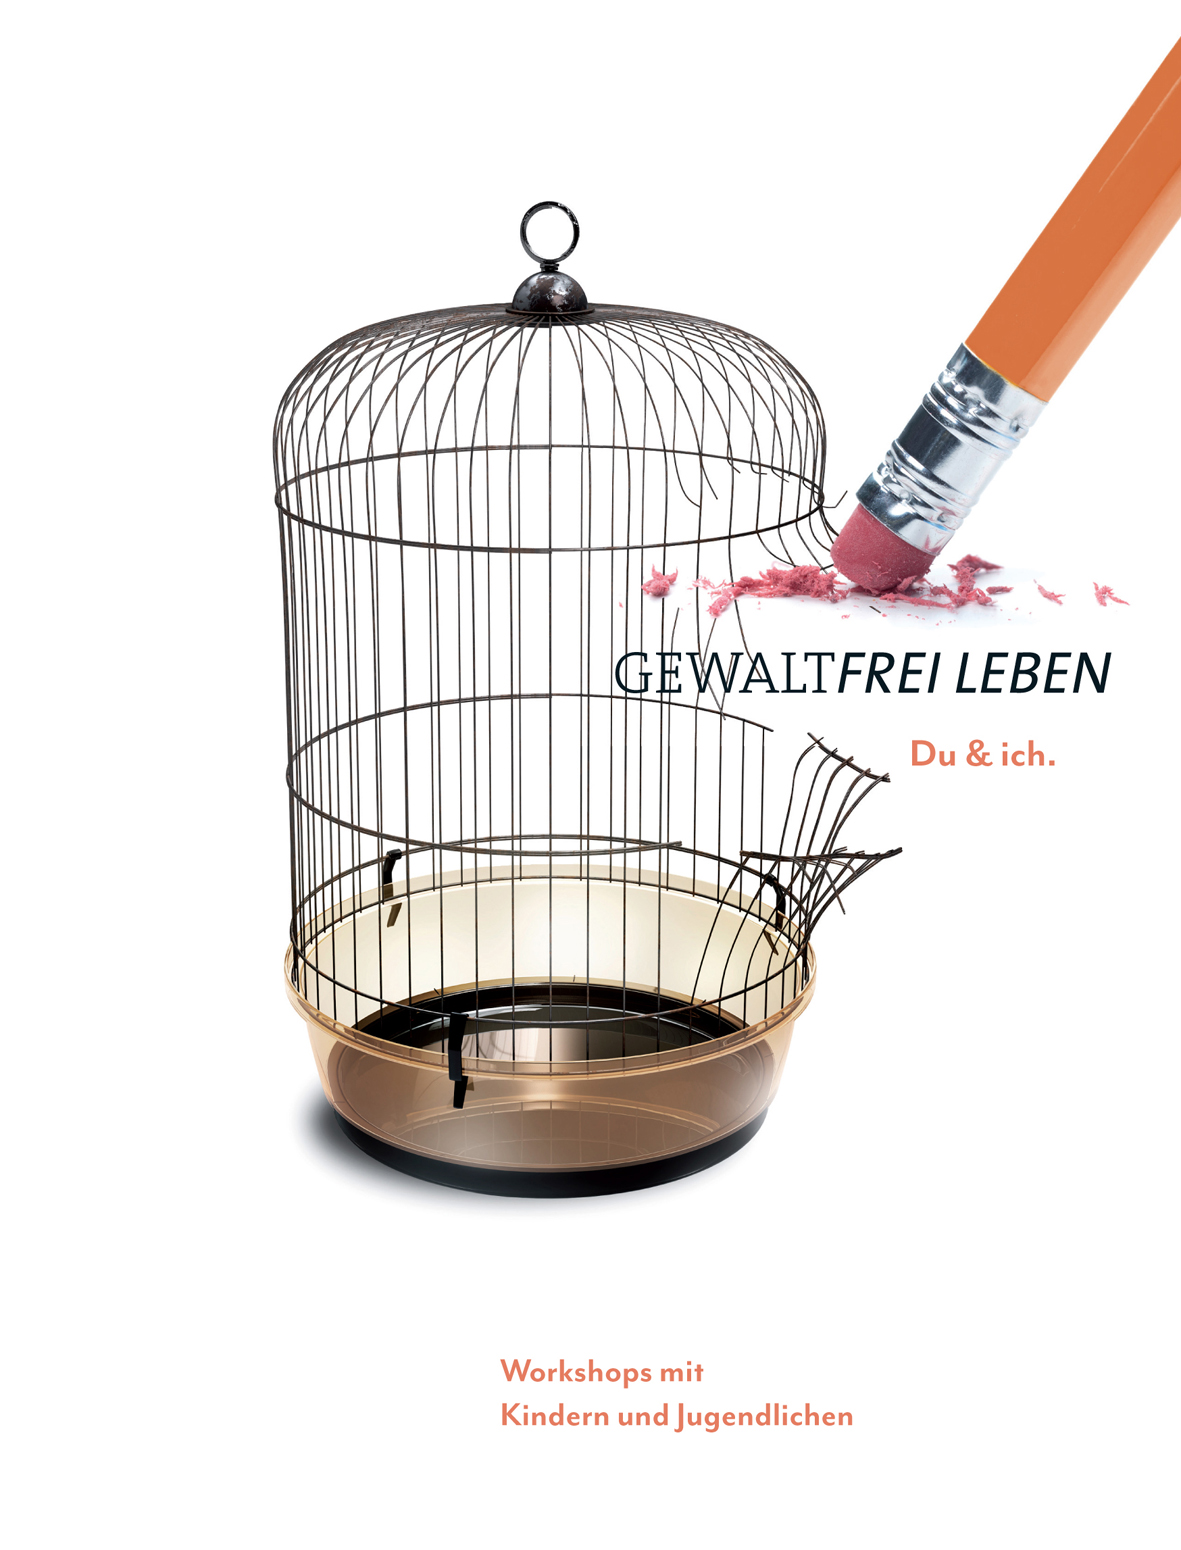 Aufgebrochener Vogelkäfig mit Radiergummi auf Bleistift, der Gitterstäbe wegradiert